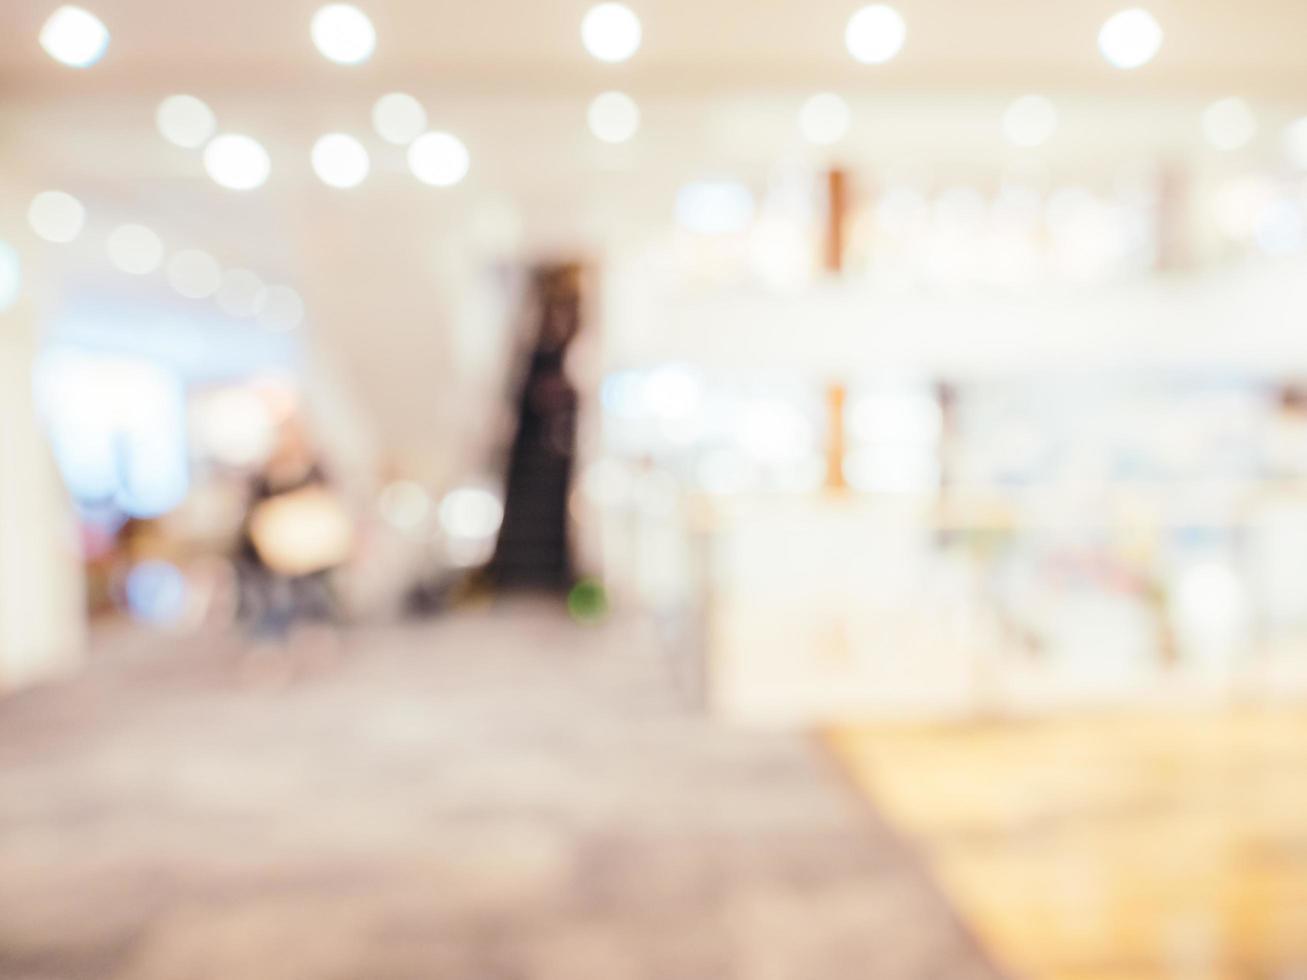 abstrakt oskärpa och defokuserad shopping mall bakgrund foto